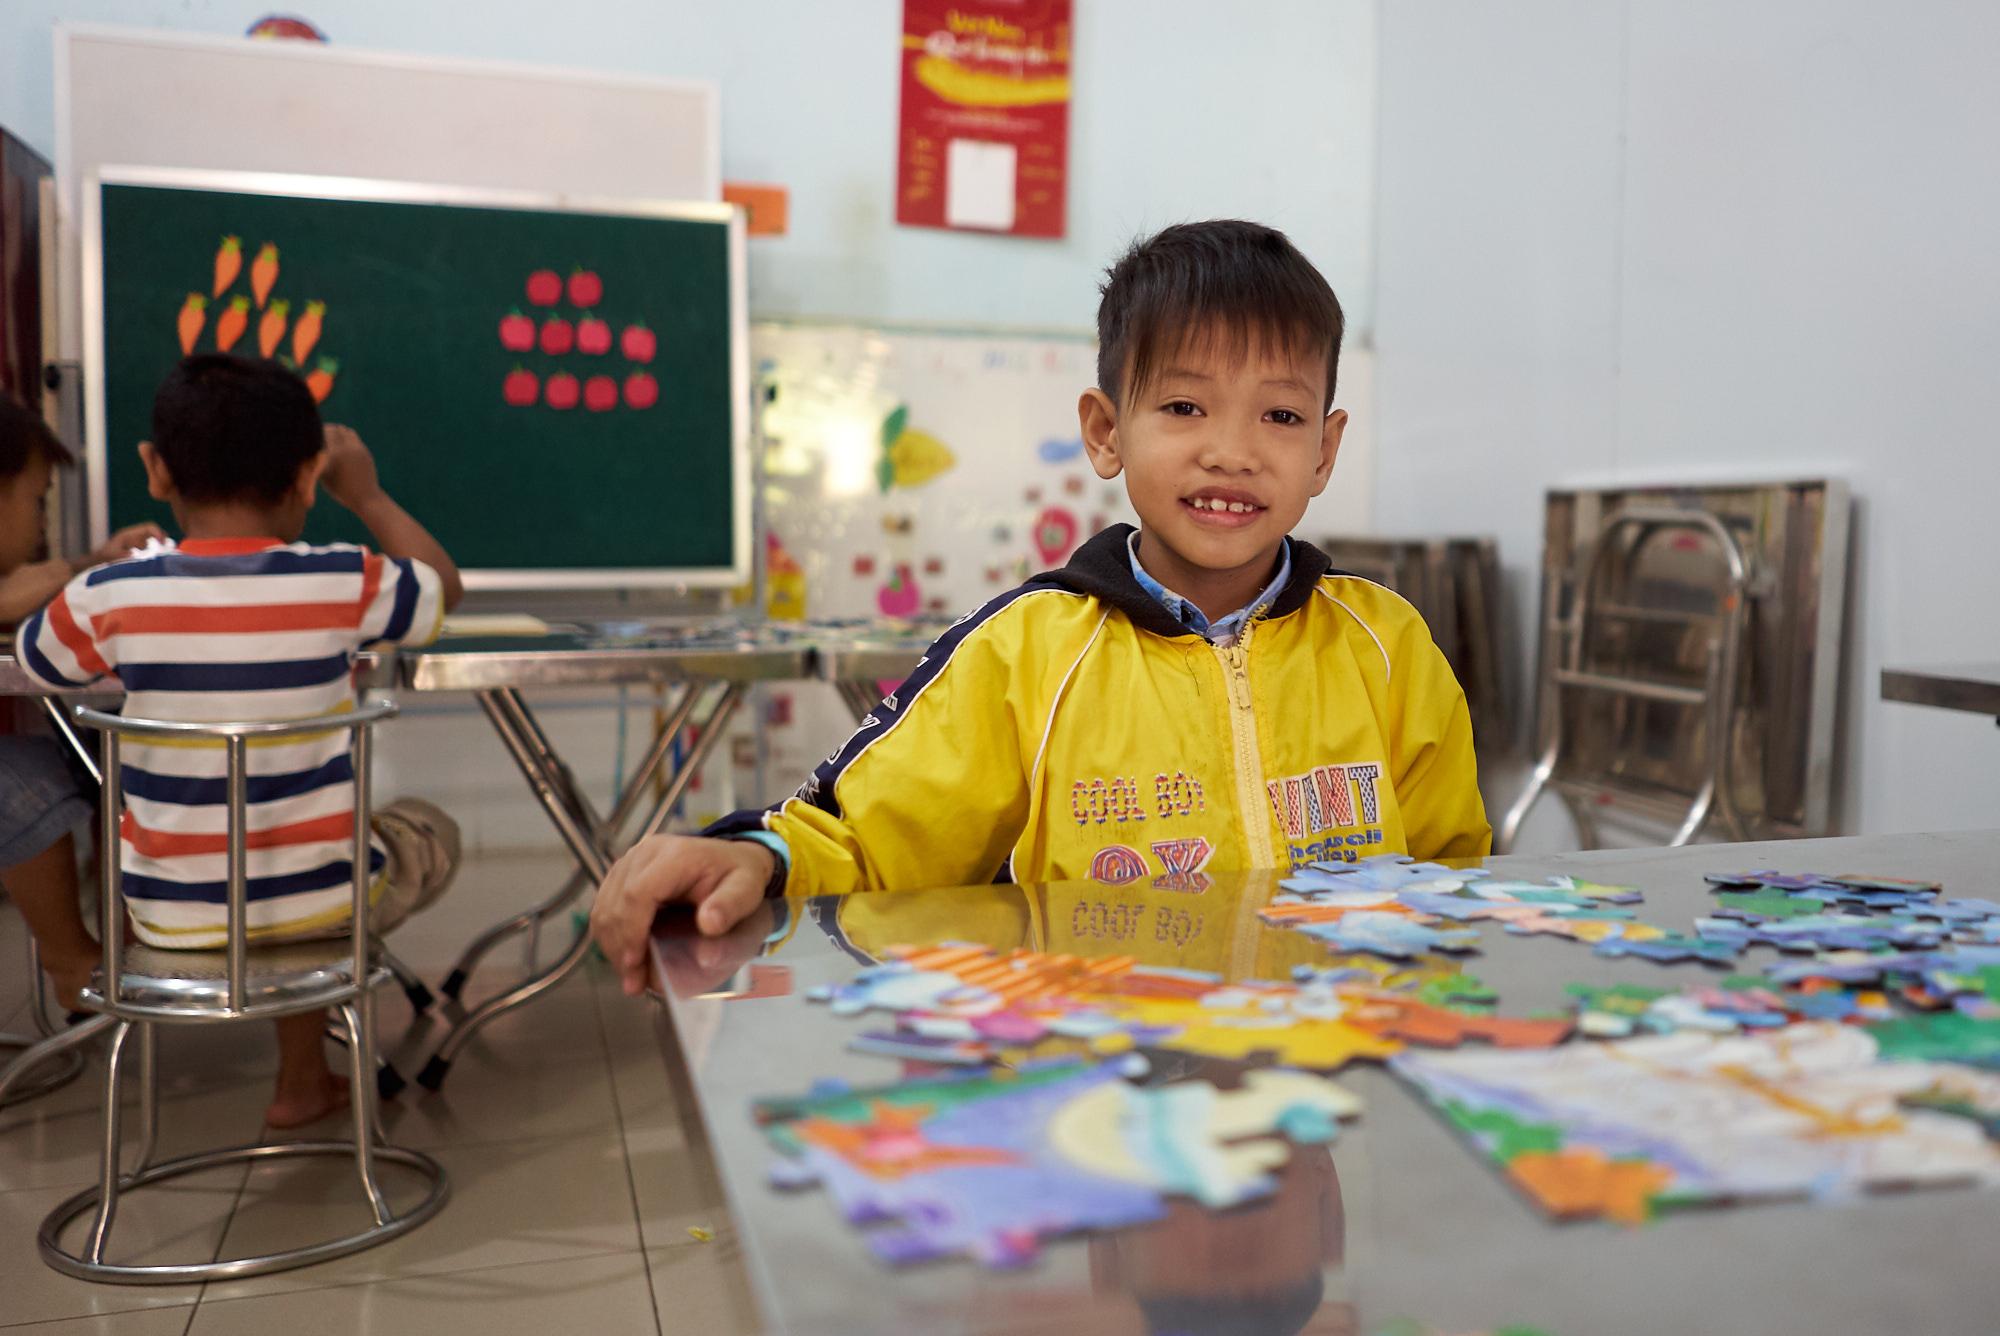 Ecole pour enfants handicapés